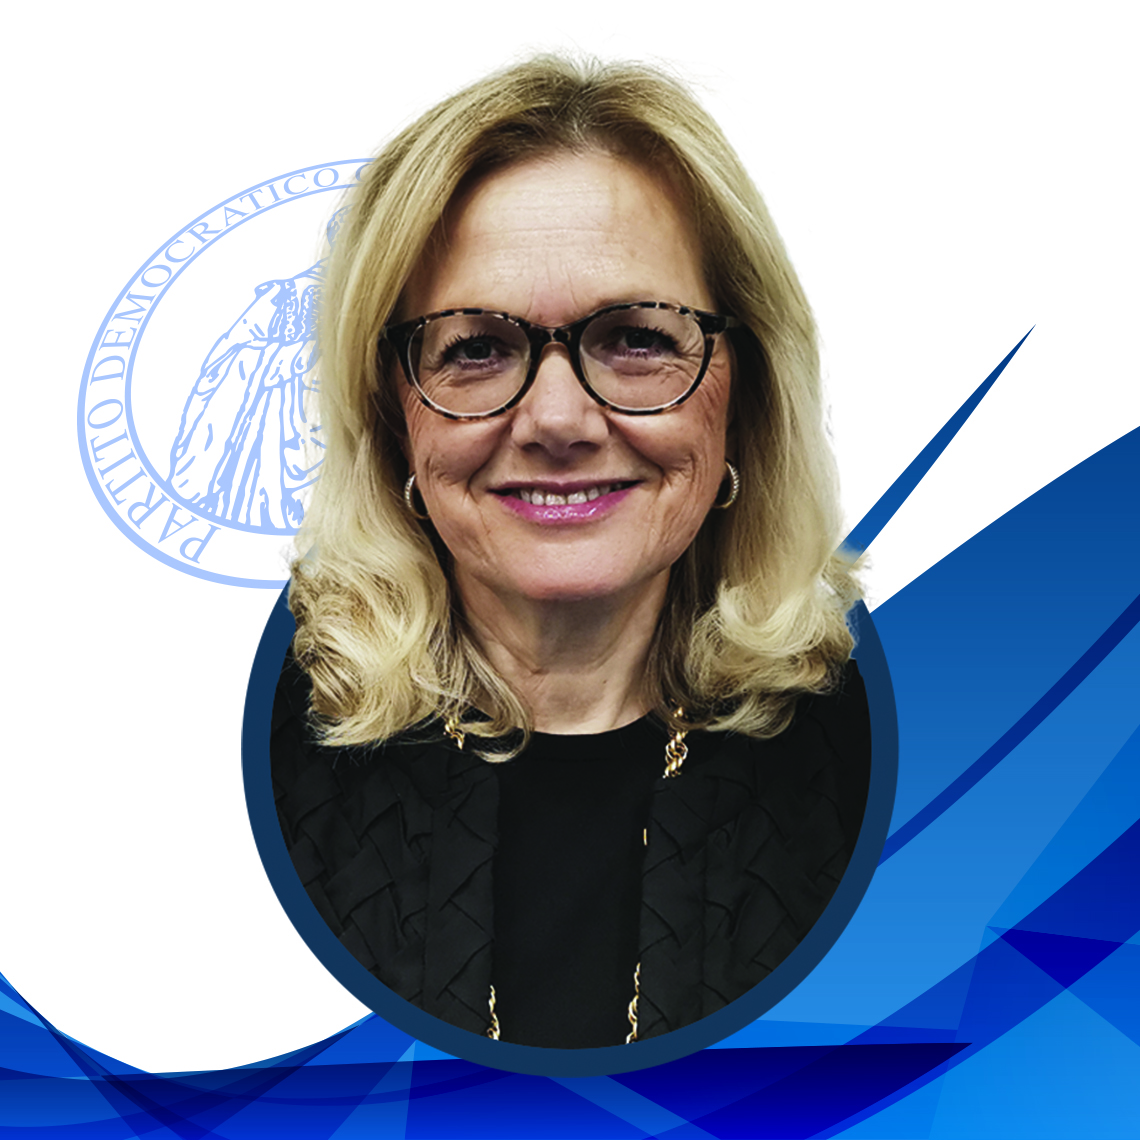 CGG – Aida Maria Adele Selva sulla questione Giustizia